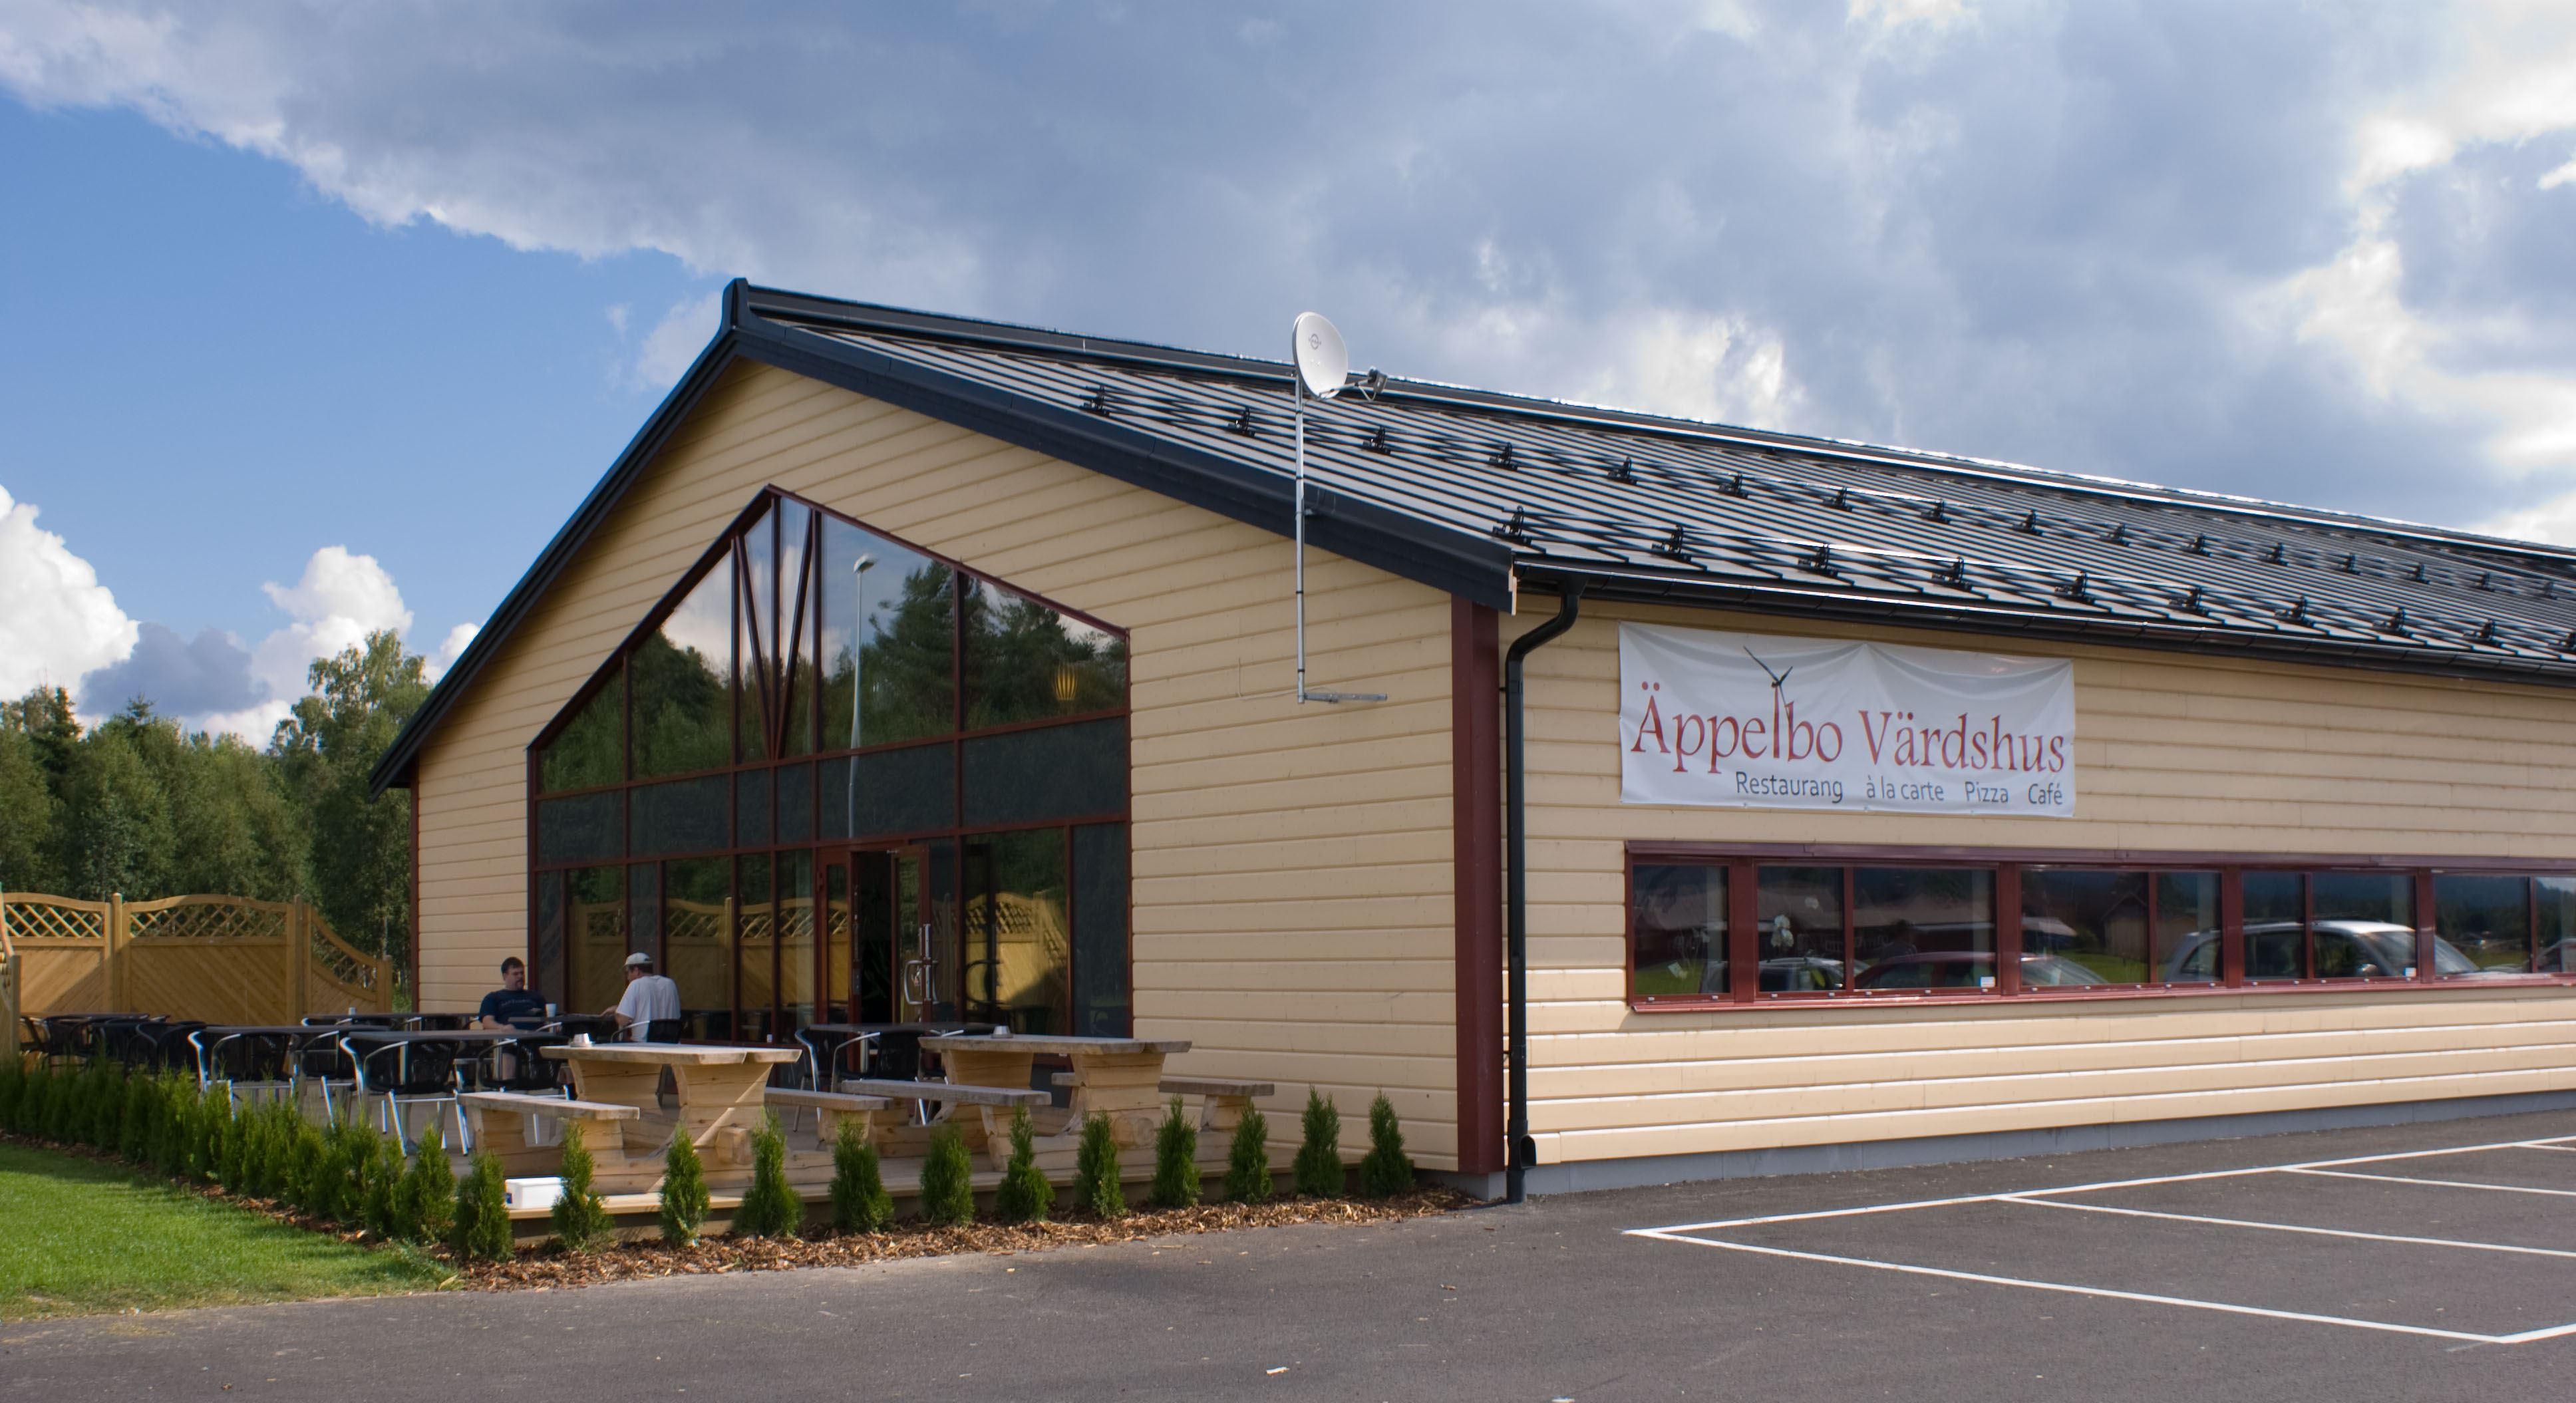 Äppelbo värdshus